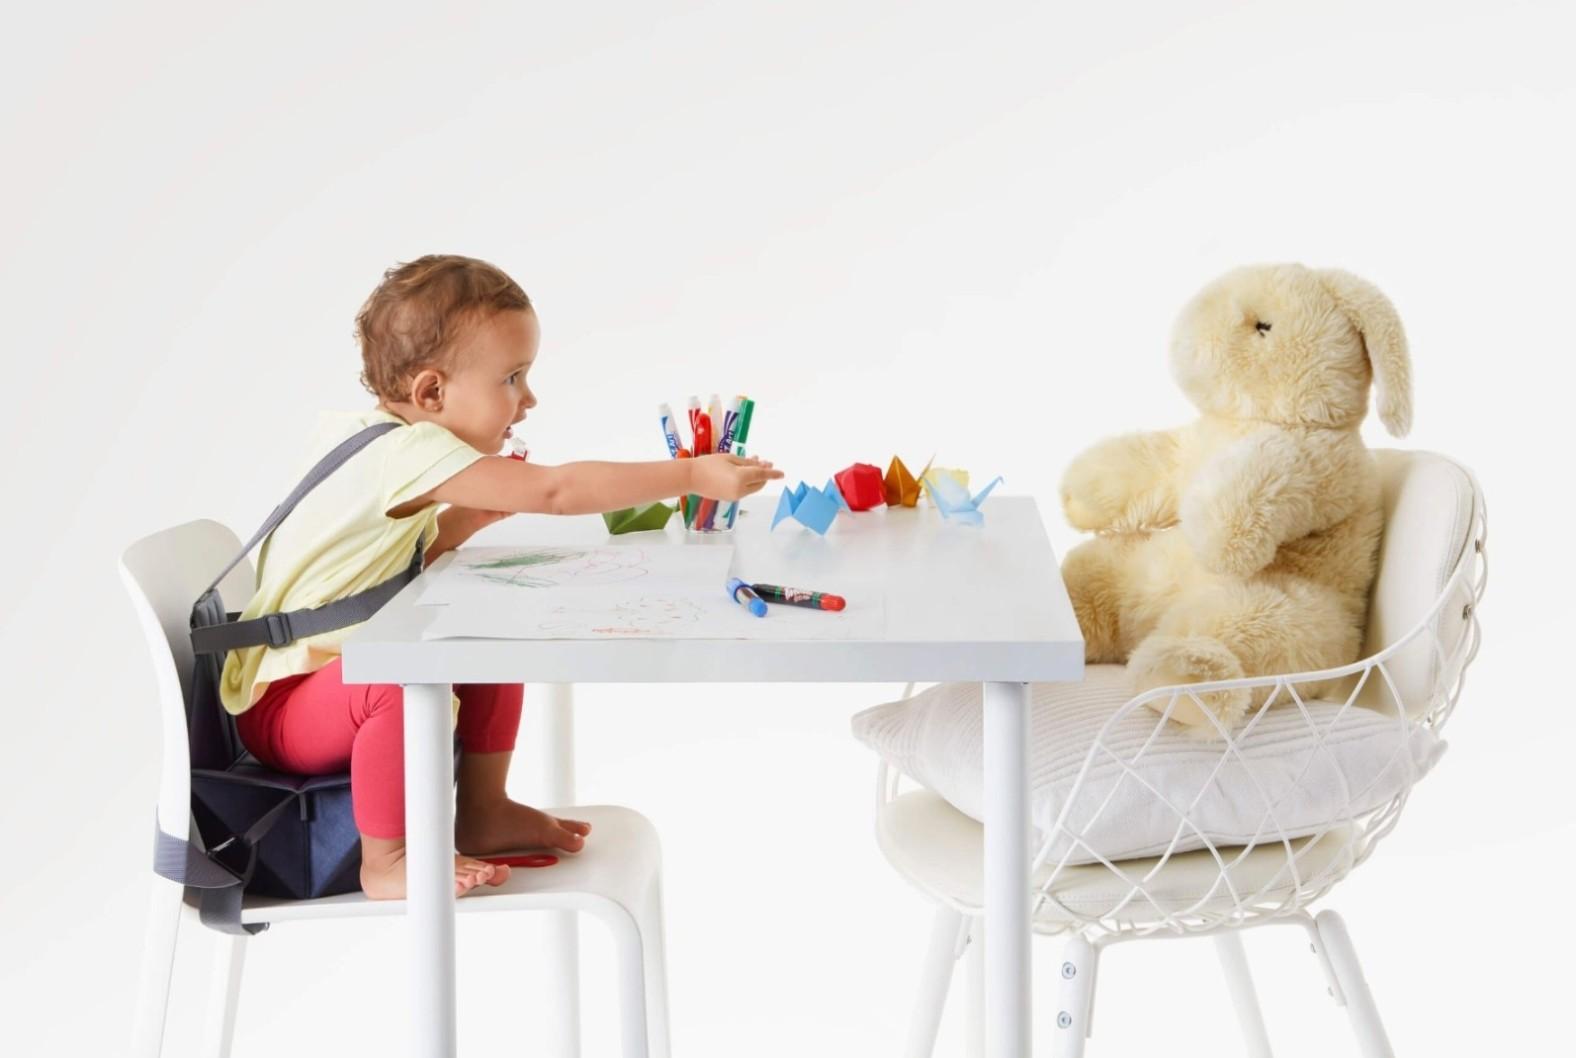 比利時 Bombol 平板大小 嬰兒摺椅29